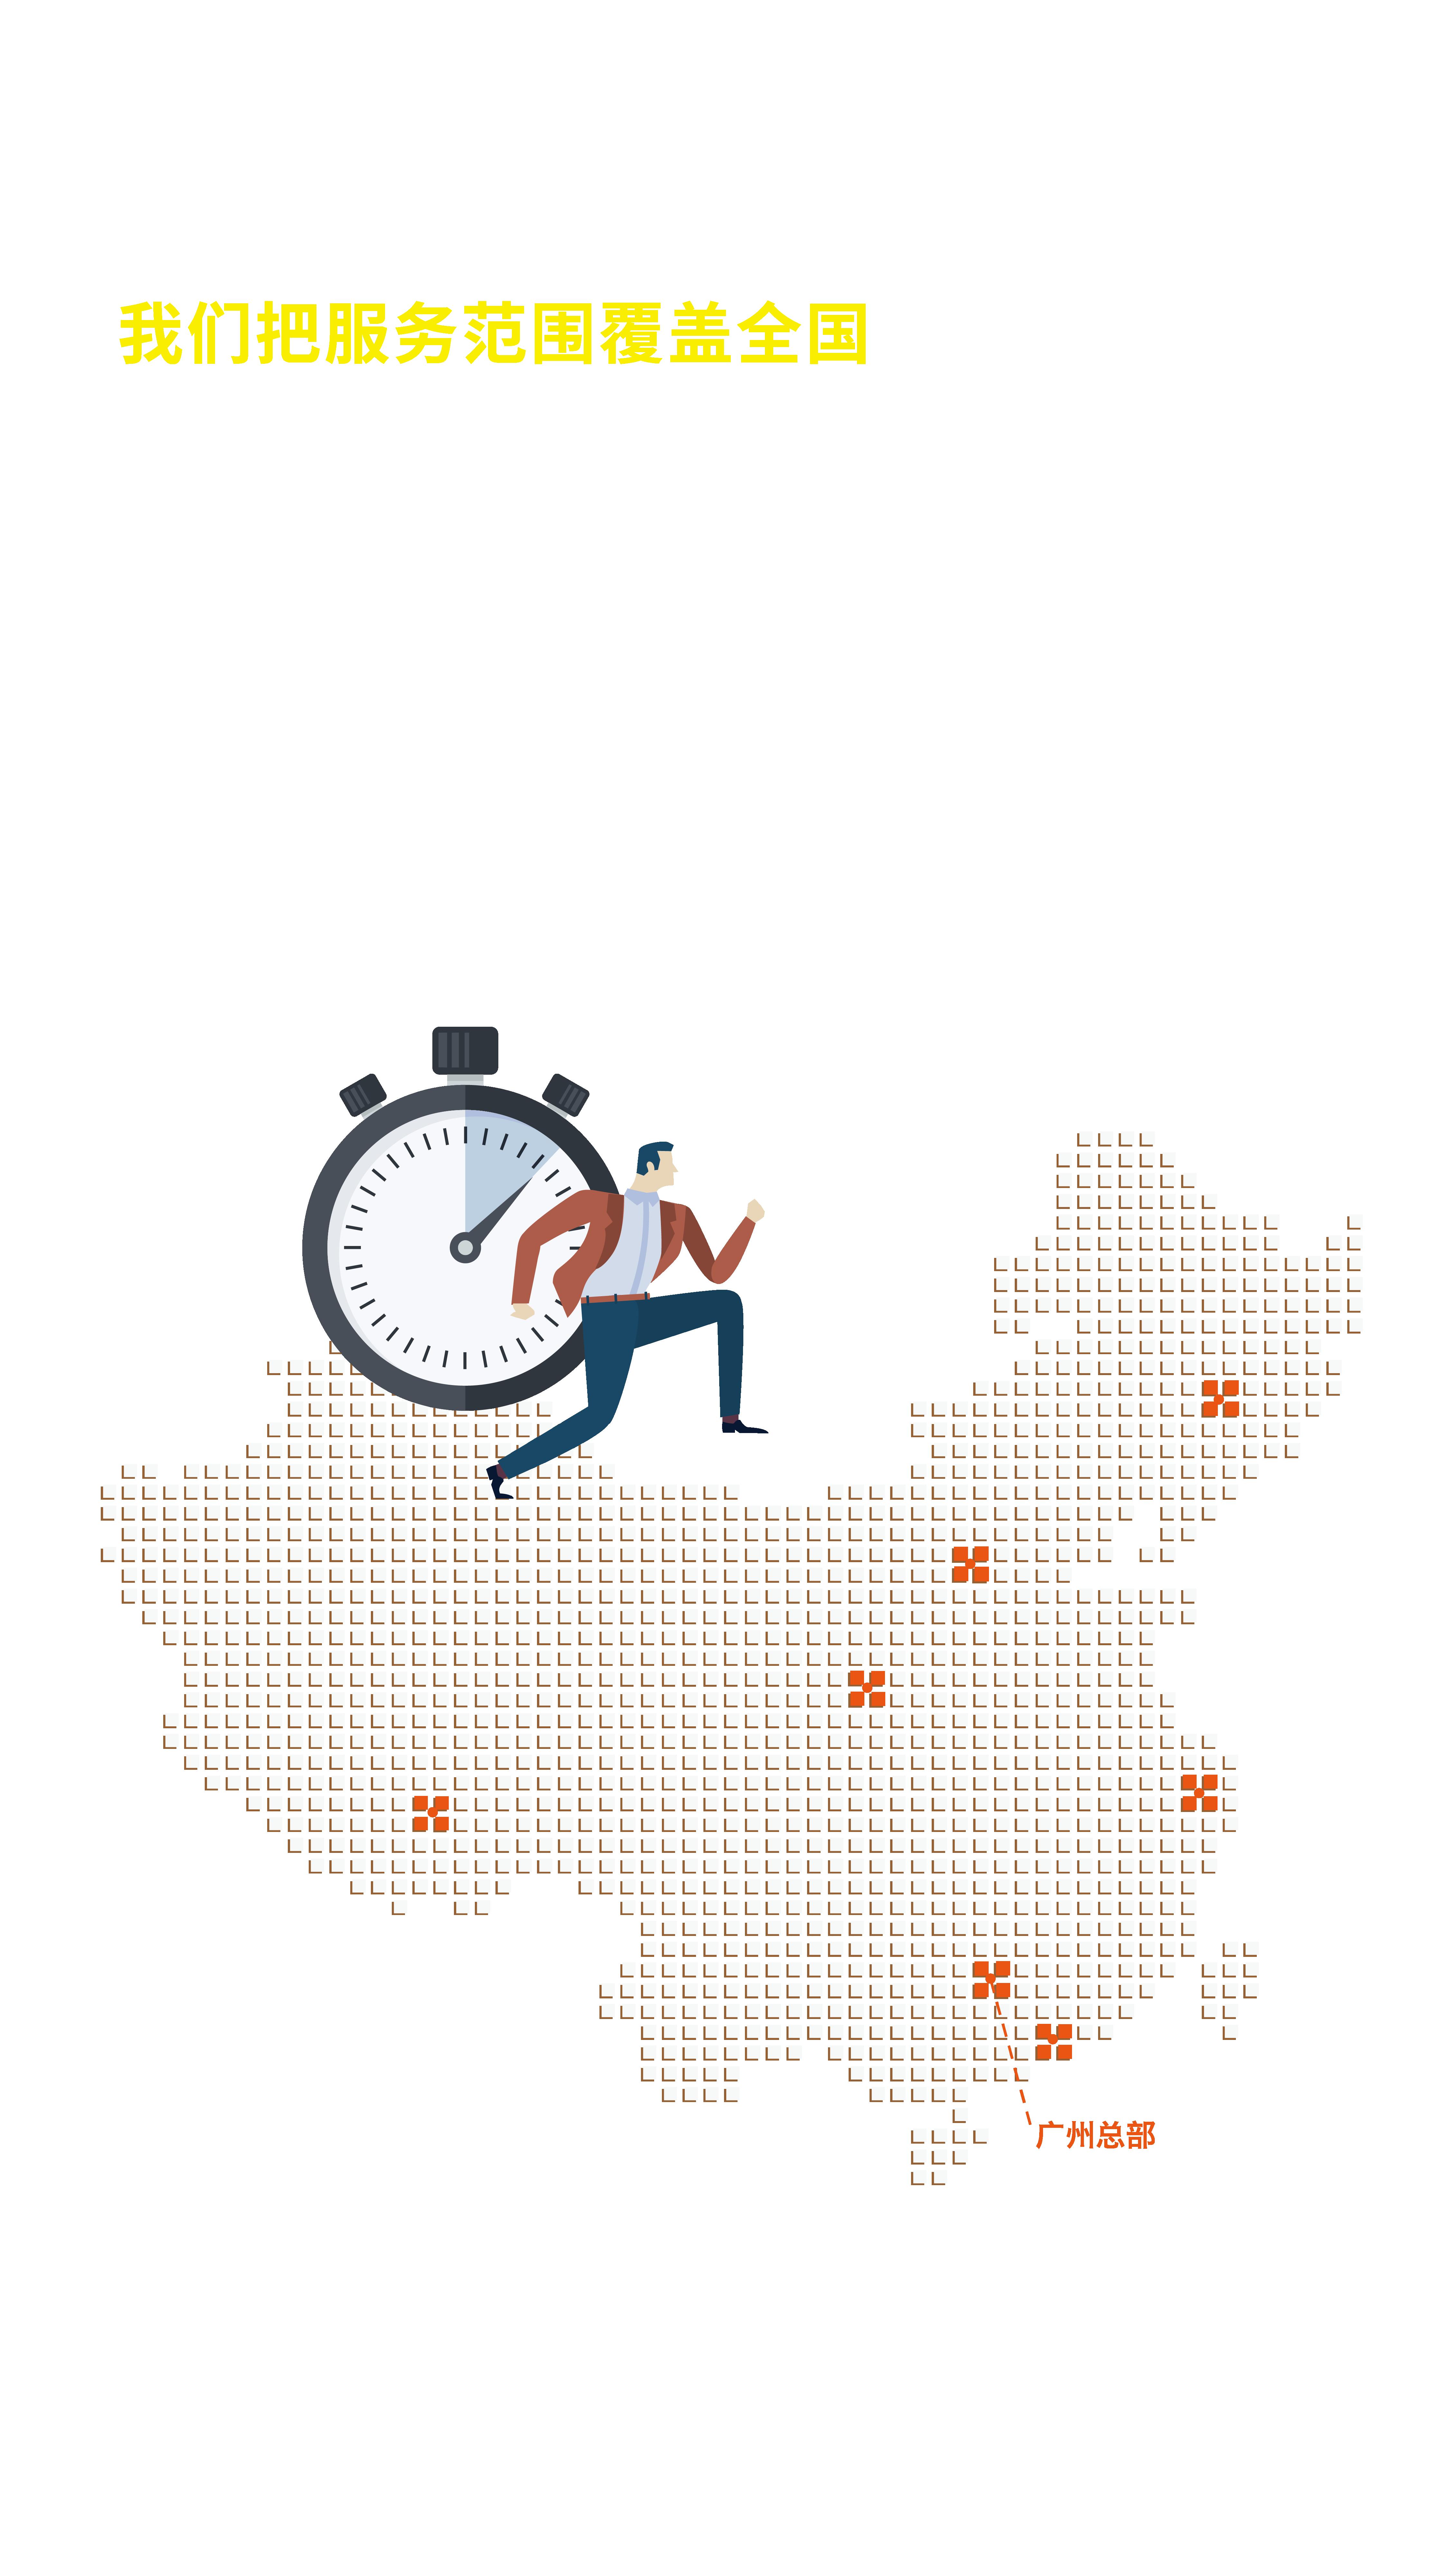 元一能源2018年度报告手机海报-02